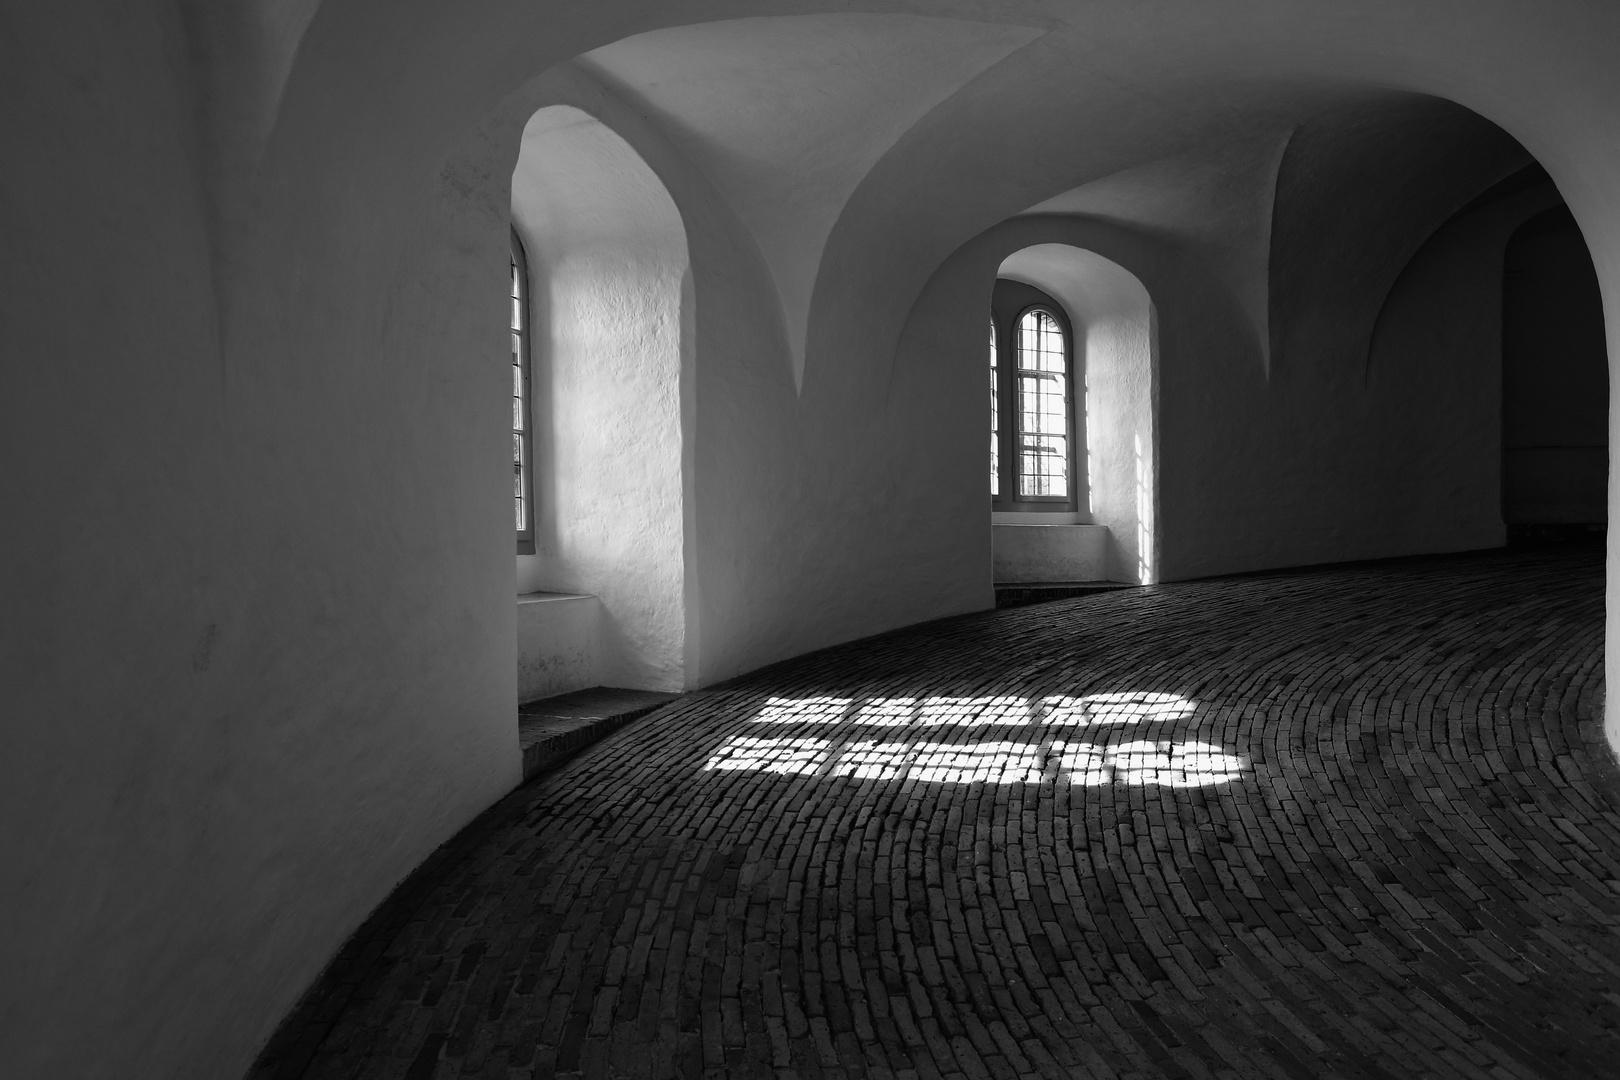 Der Runde Turm - Rundetårn - in Kopenhagen